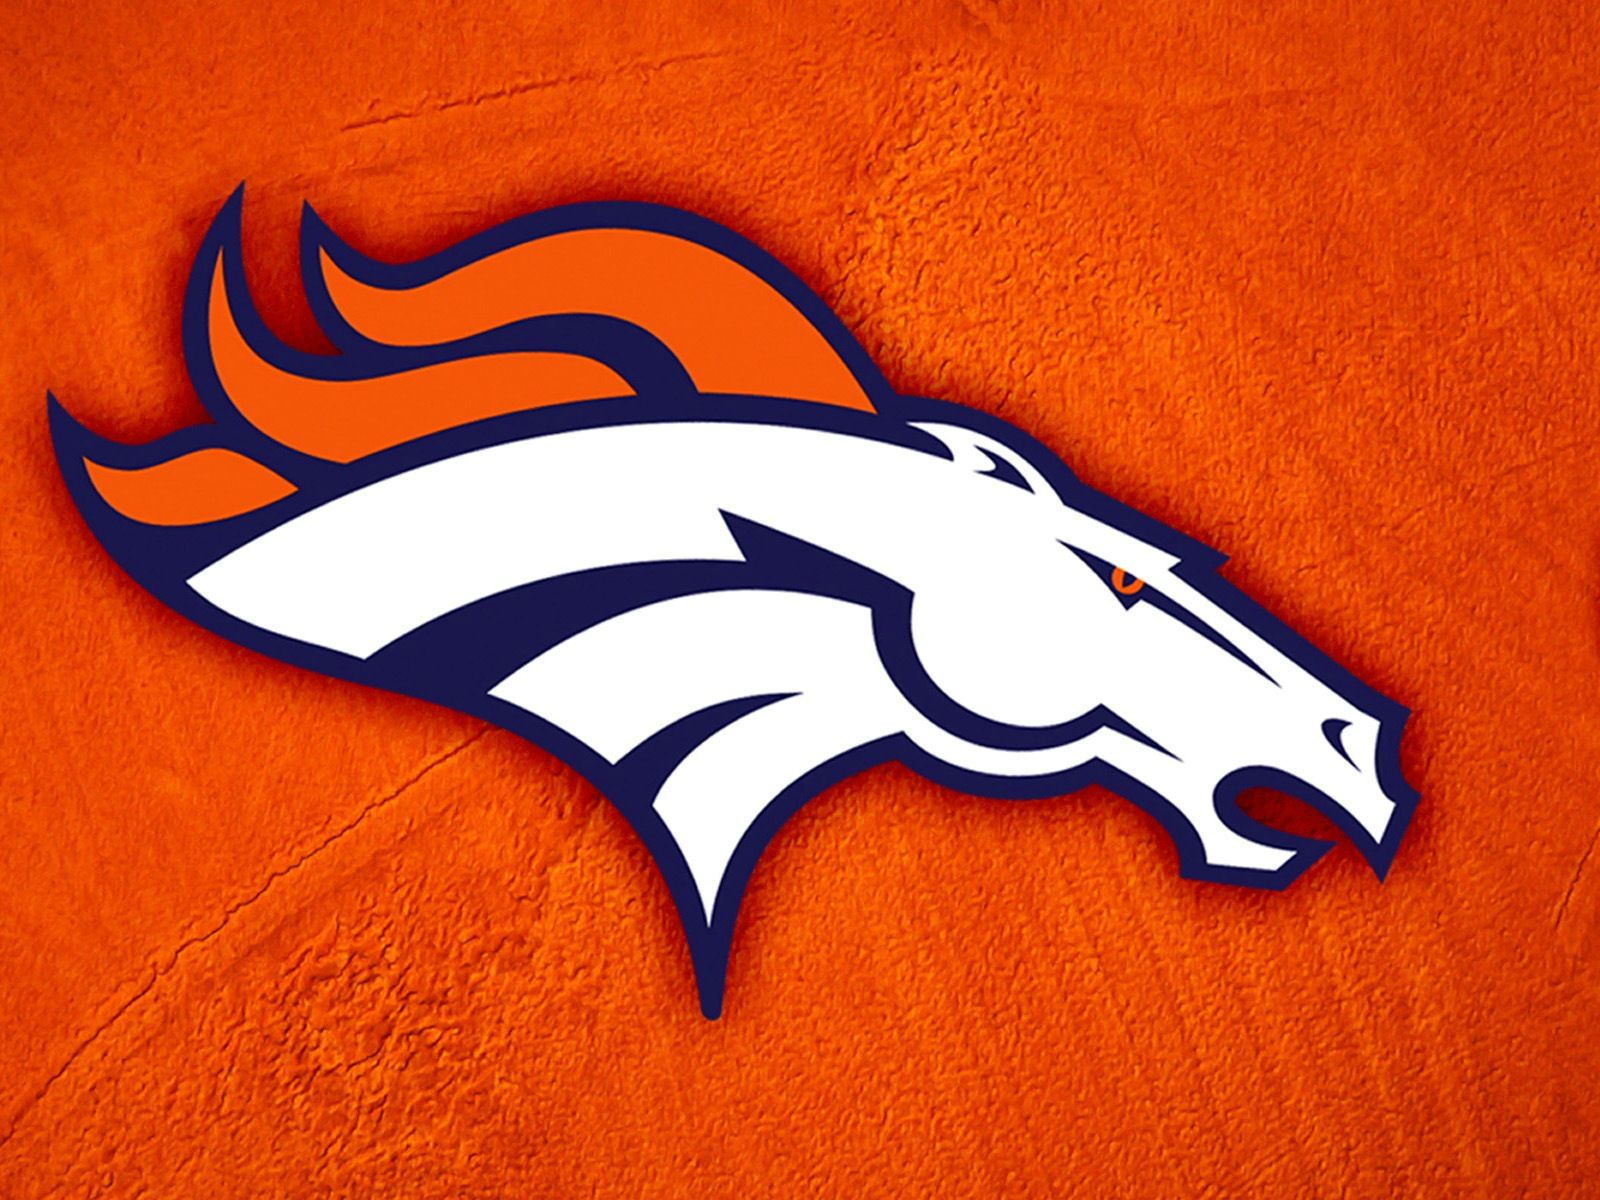 NFL Denver Broncos Wallpaper | Wallpaper | Denver broncos wallpaper, Broncos wallpaper, Nfl ...